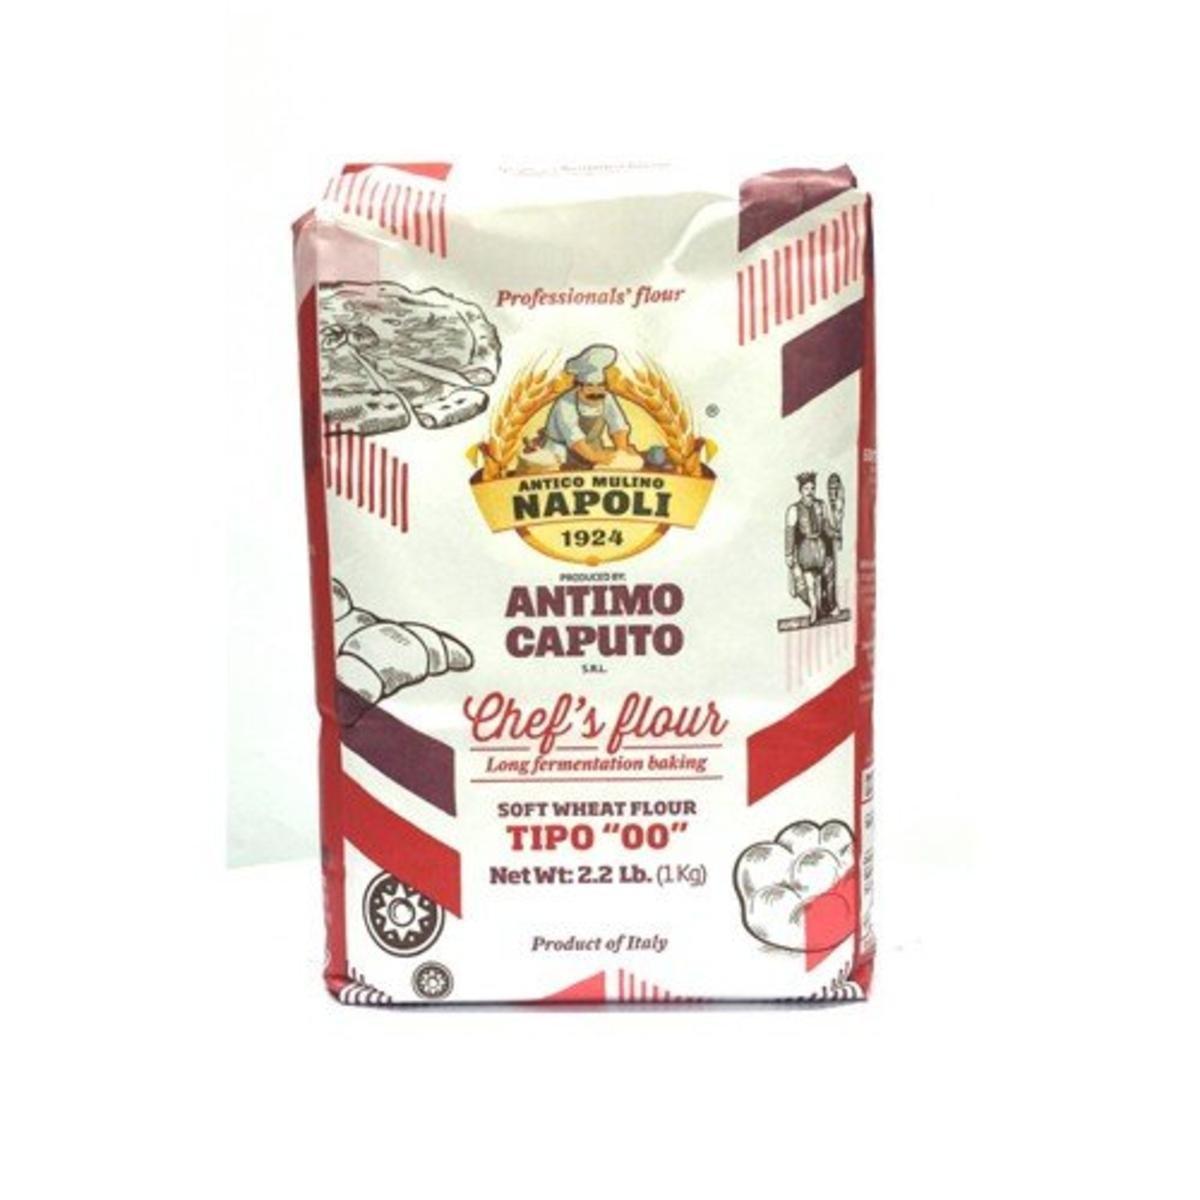 Antimo Caputo''00'' Chefs Flour 1 Kilo (2.2 Pounds) Bags Pack of 4